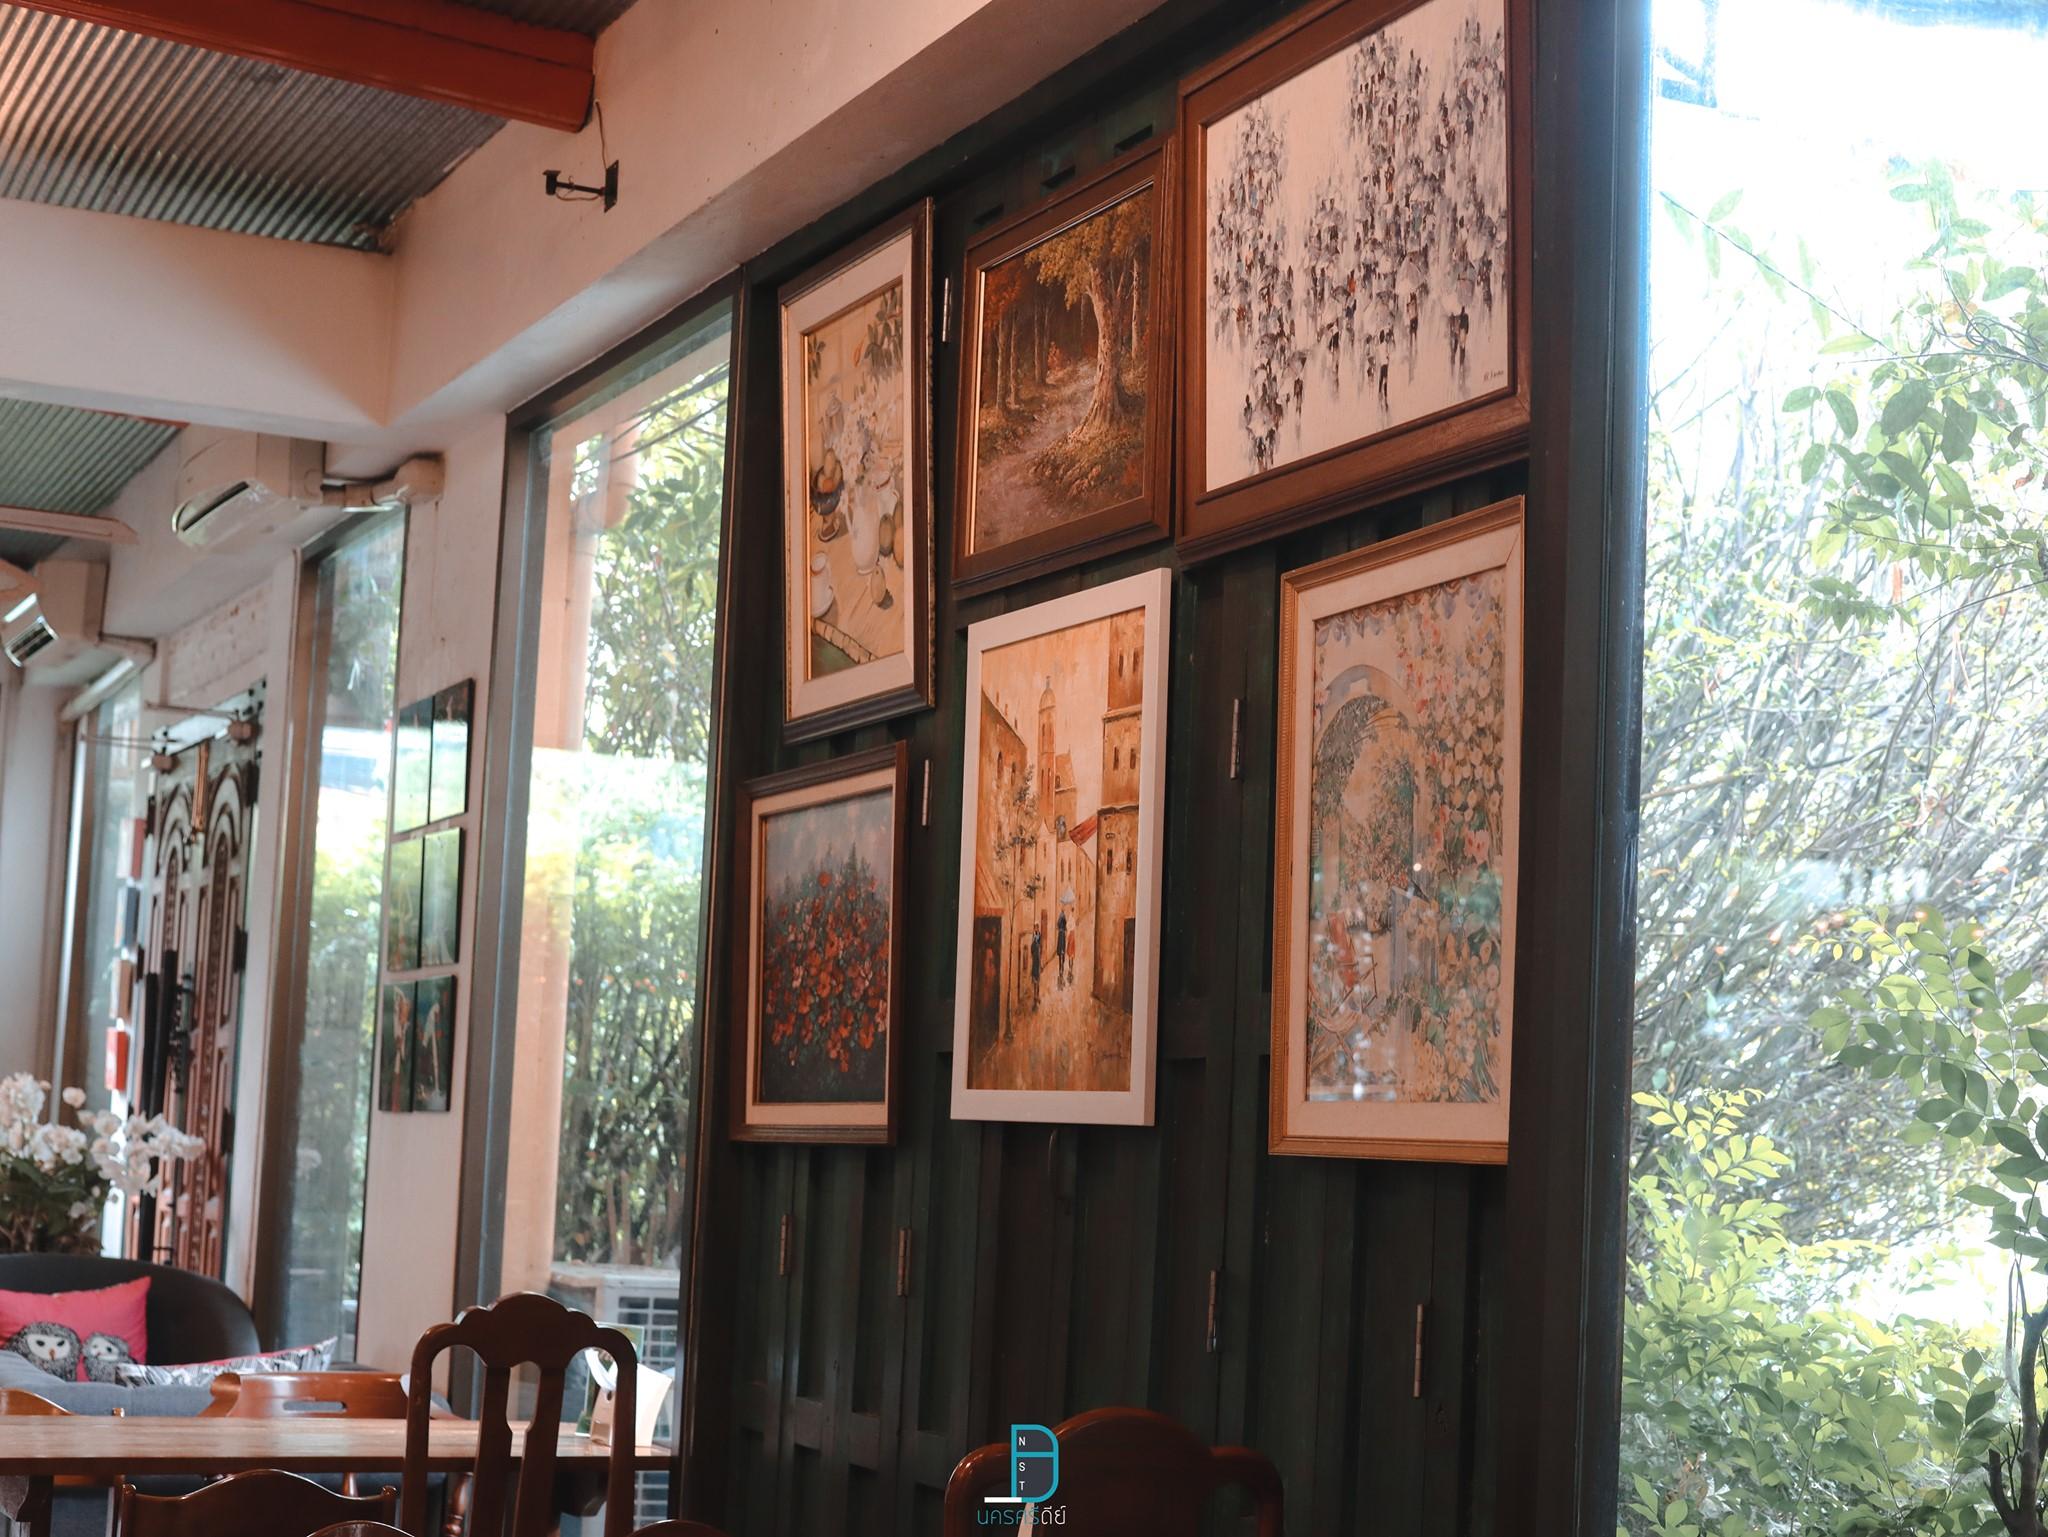 เอแอนด์เอ นครศรีธรรมราช A and A Restaurant จุดเช็คอินร้านอาหารคาเฟ่เด็ด เมืองคอน นครศรีดีย์